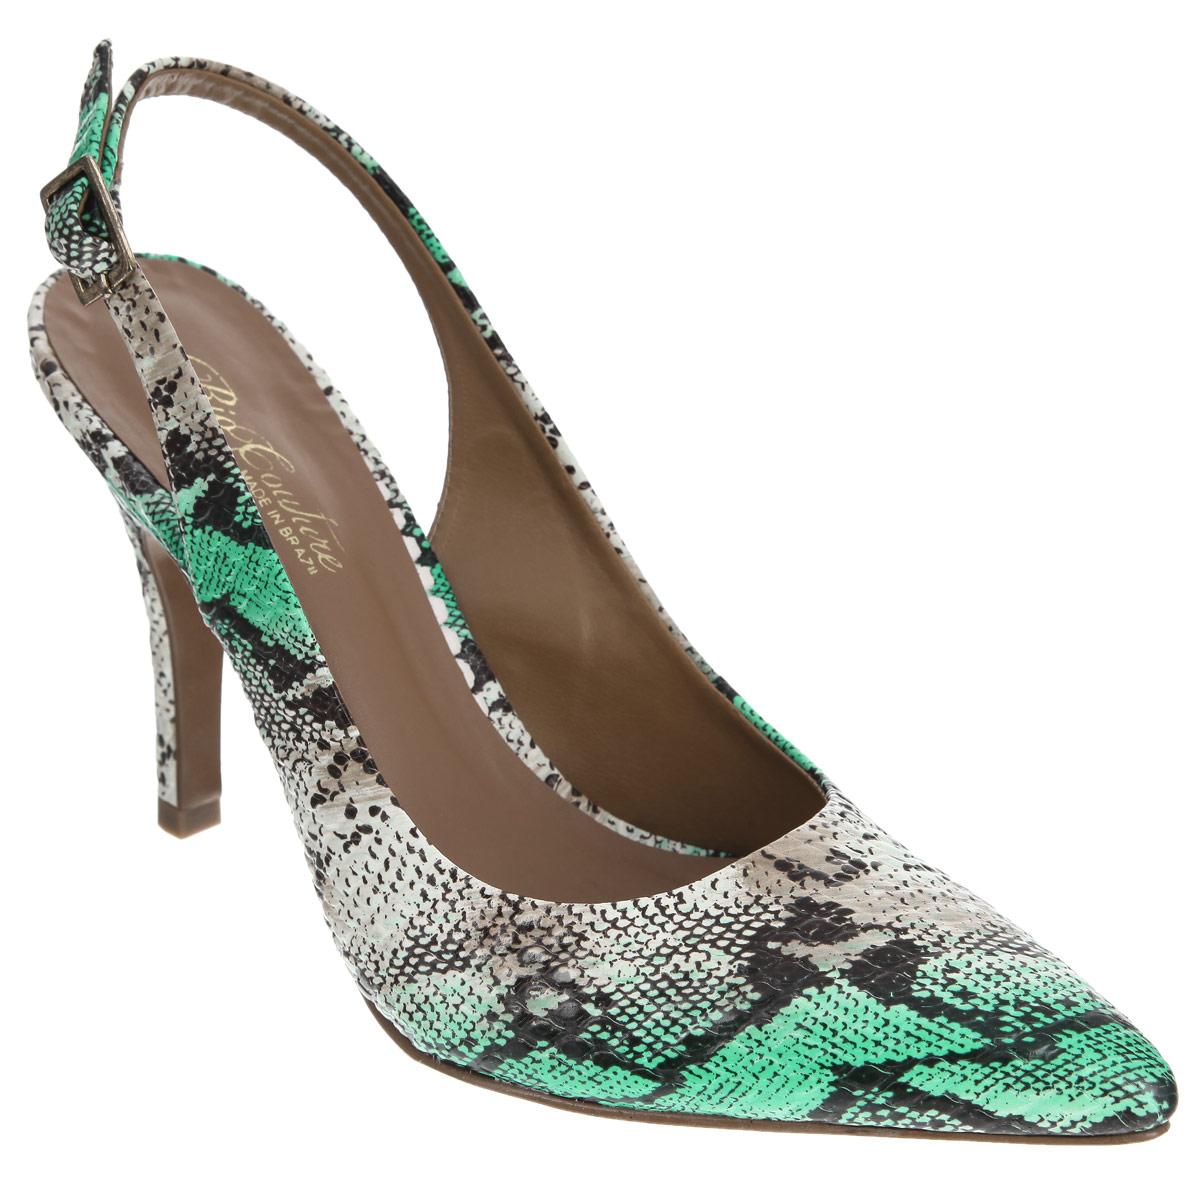 Туфли женские. 25100012510001Экстравагантные туфли Rio Couture позволят вам выделиться среди окружающих! Модель выполнена из натуральной кожи и оформлена узором, имитирующим змеиную кожу. Заостренный, чуть вытянутый носок смотрится невероятно женственно. Ремешок с металлической пряжкой прямоугольной формы отвечает за надежную фиксацию модели на щиколотке. Длина ремешка регулируется за счет болта. Стелька из натуральной кожи, дополненная названием бренда, комфортна при ходьбе. Высокий каблук компенсирован скрытой платформой. Подошва с рифлением обеспечивает отличное сцепление с любыми поверхностями. Эффектные туфли внесут изюминку в ваш модный образ.